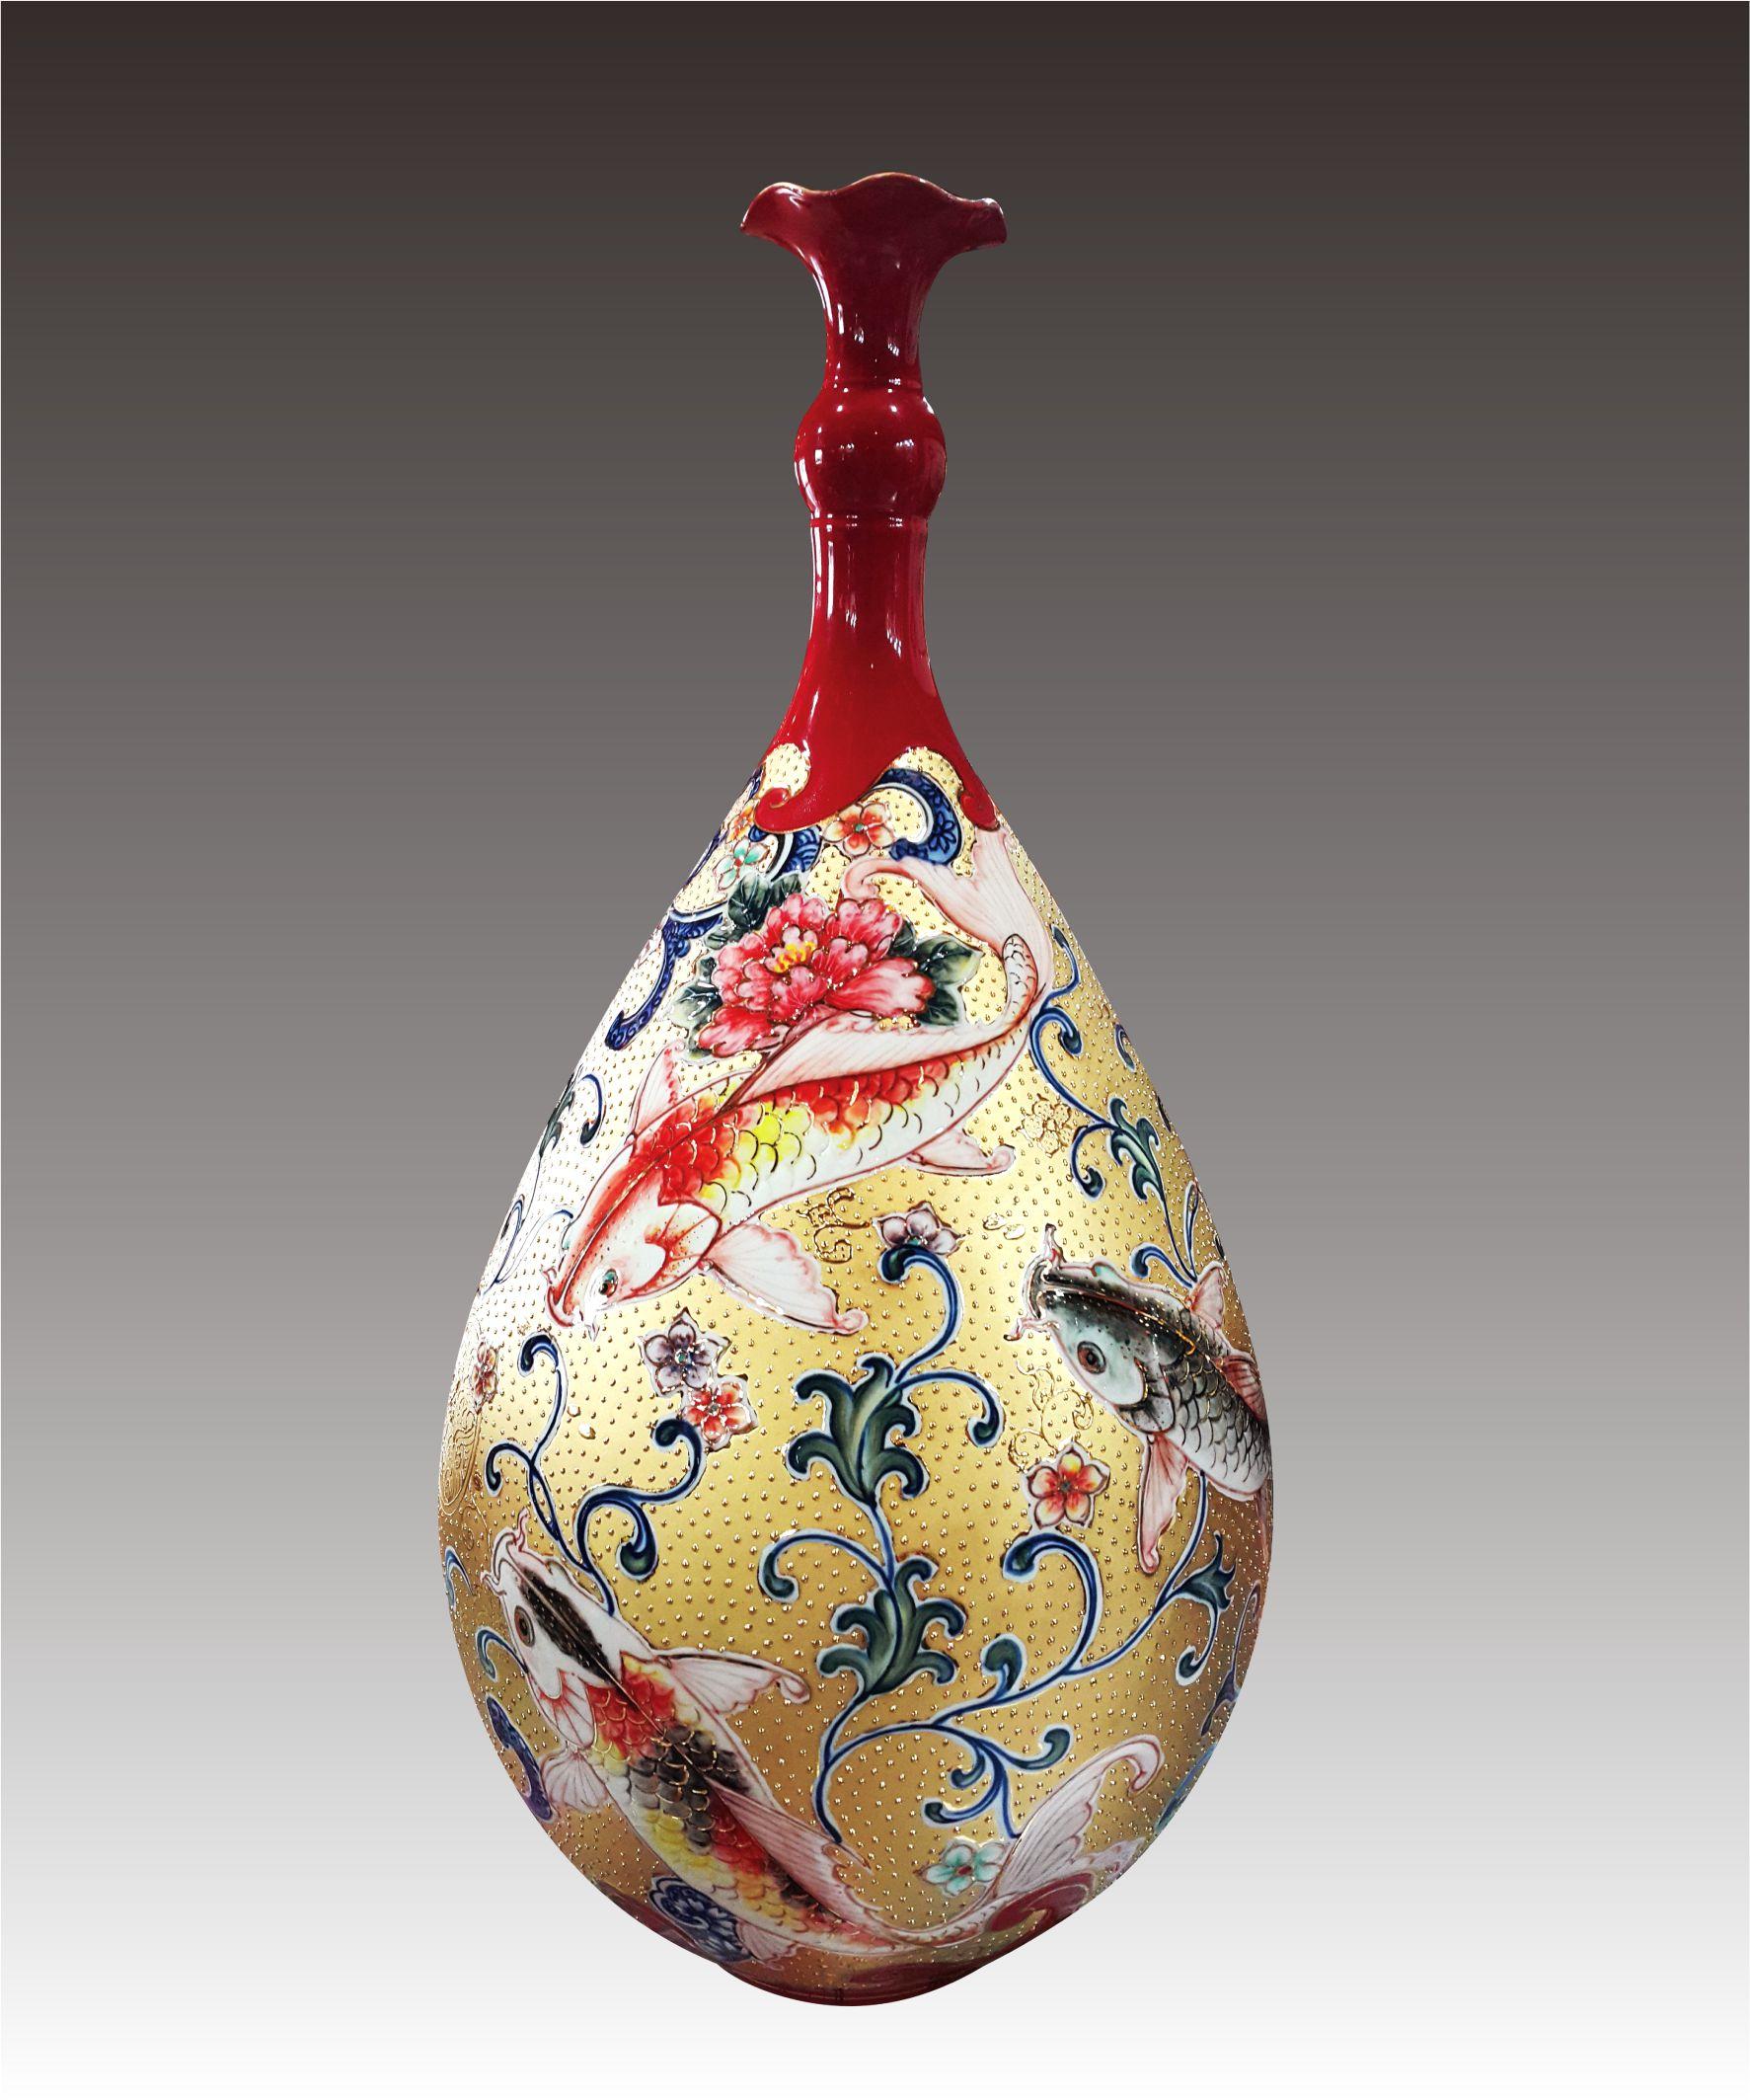 彩金紅釉彩繪三魚報喜水滴瓶